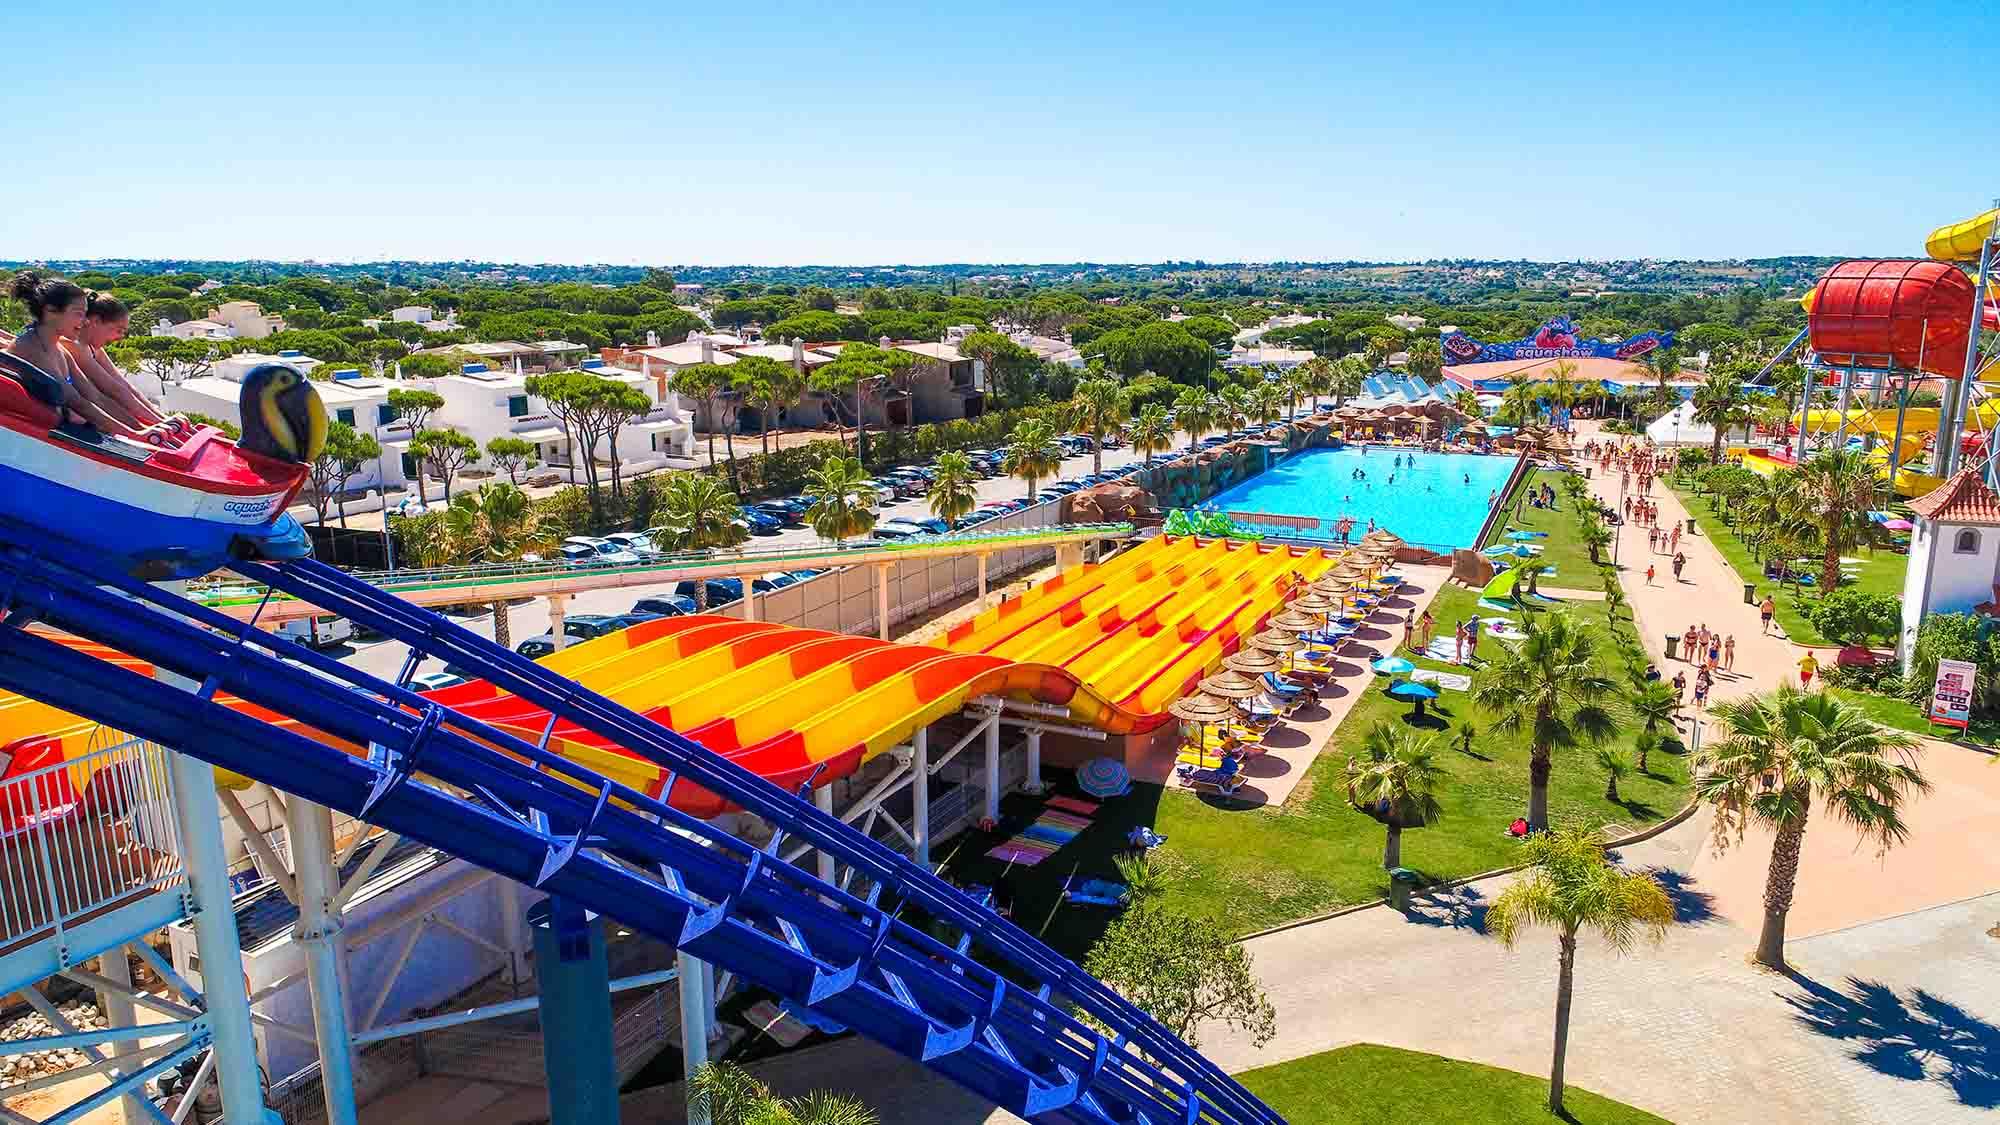 Slides at Aquashow Park